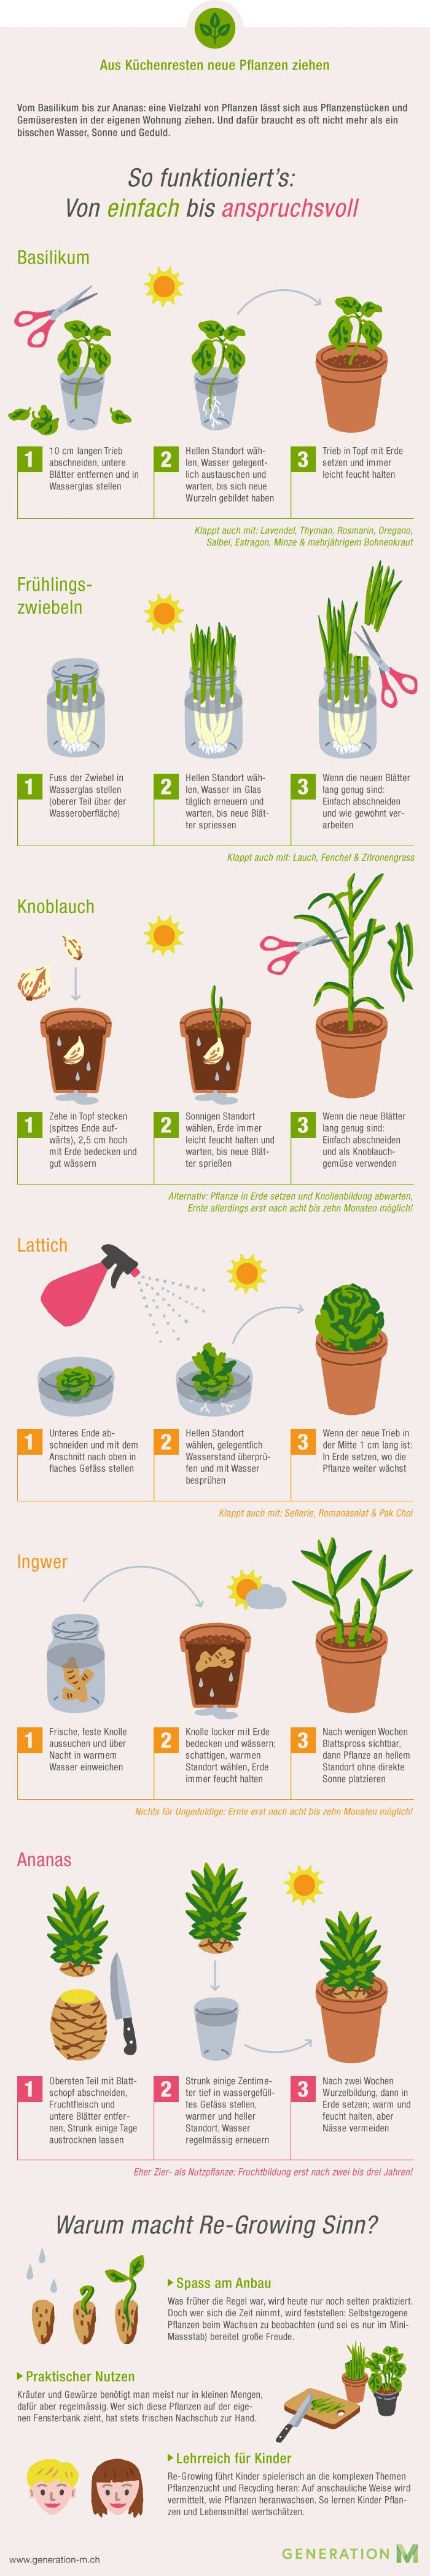 Pflanzen selber ziehen wird heute nur noch selten praktiziert.